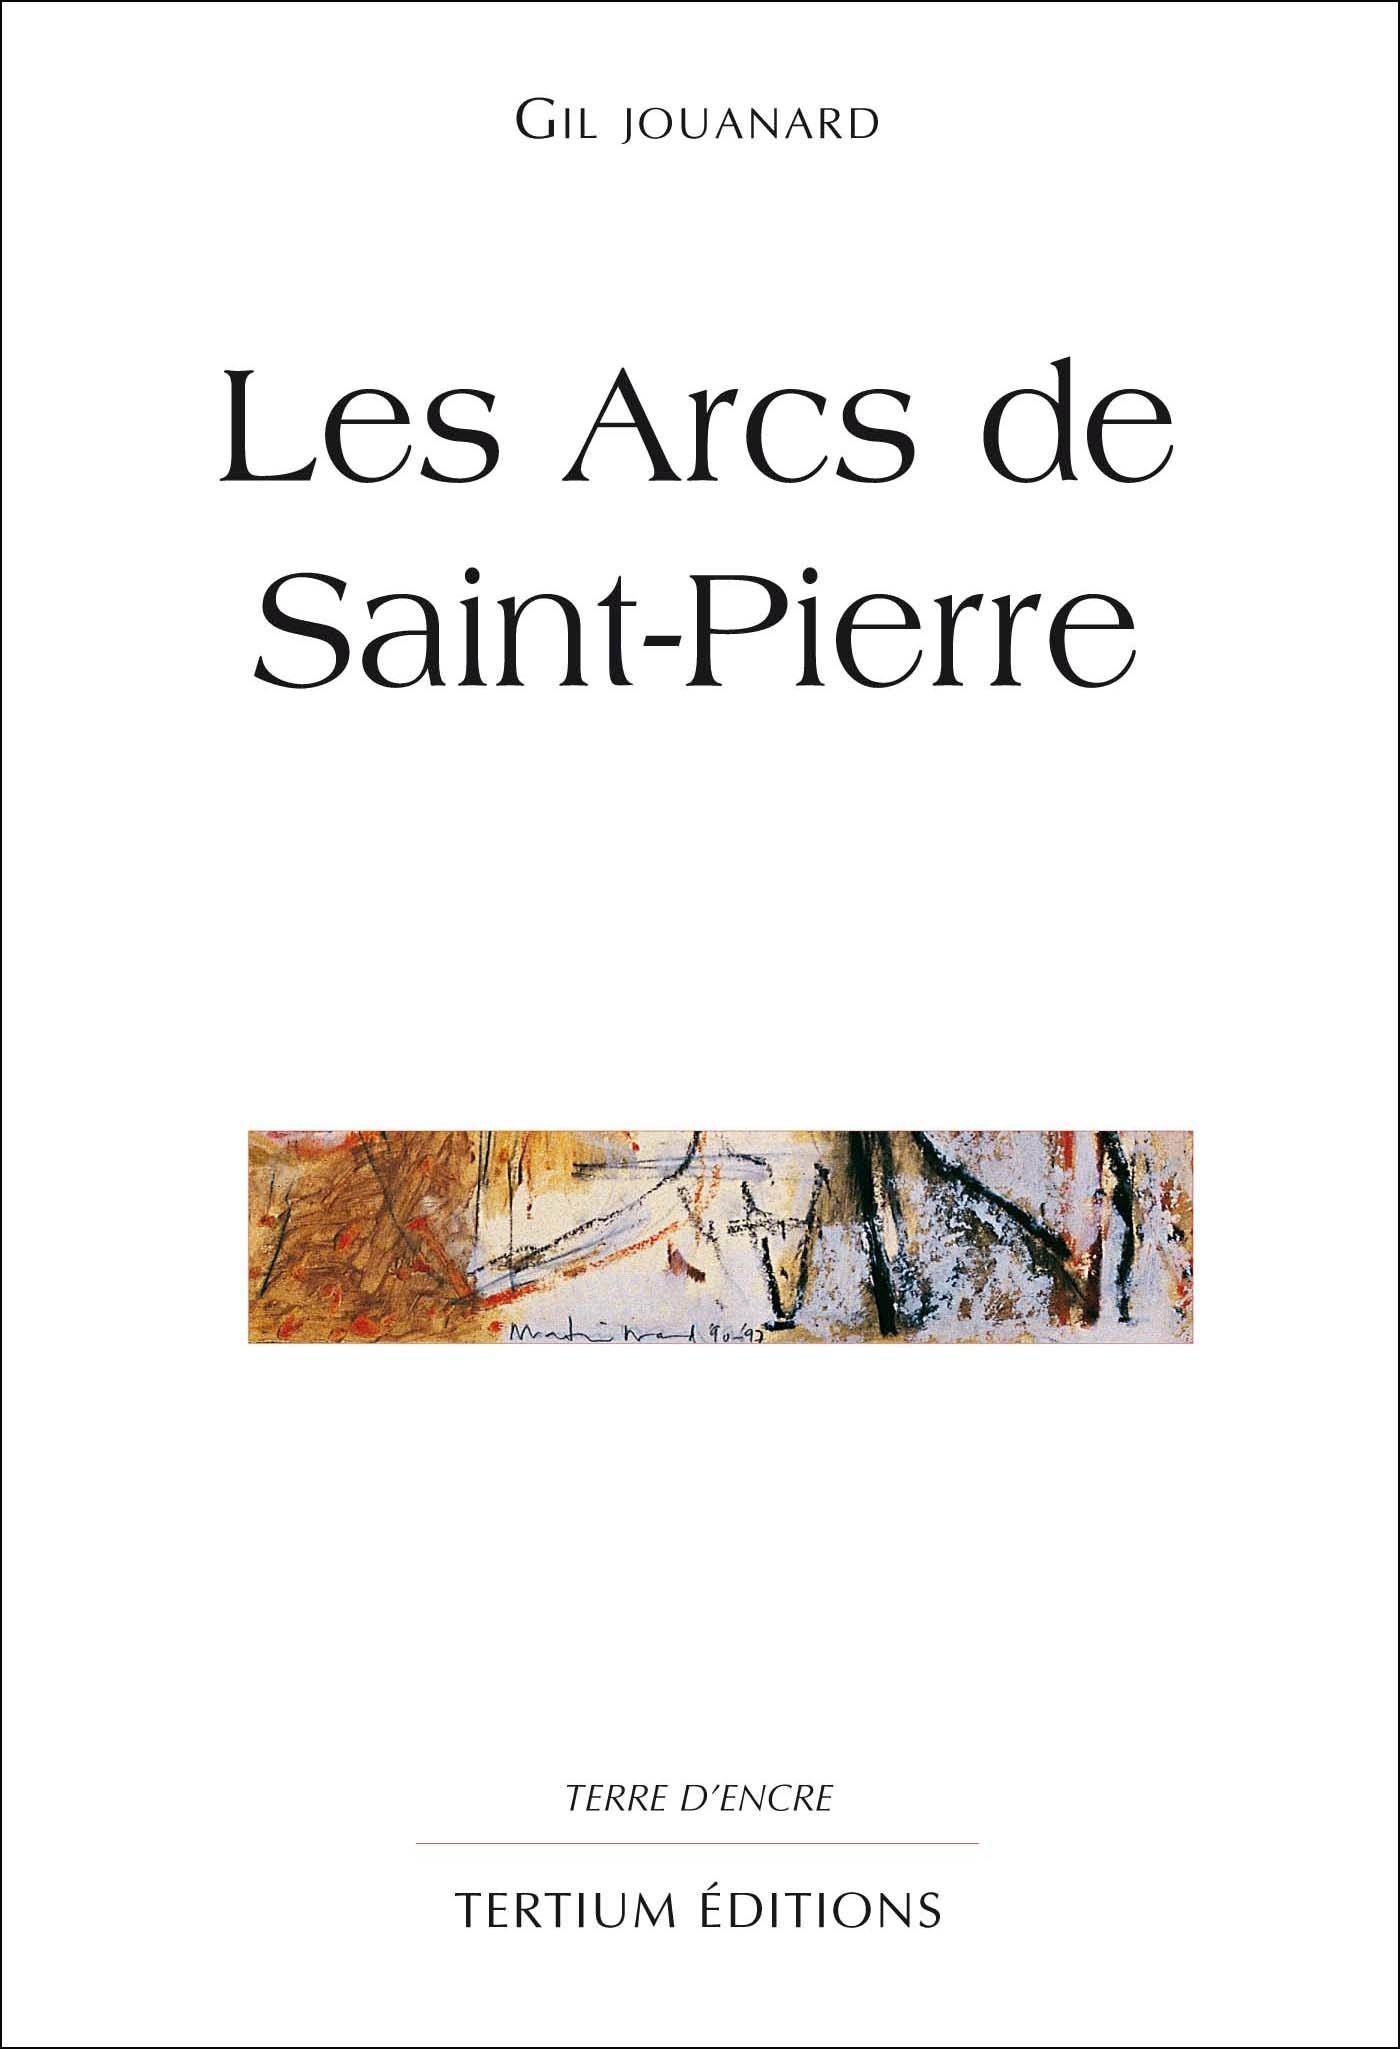 Les arcs de Saint-Pierre